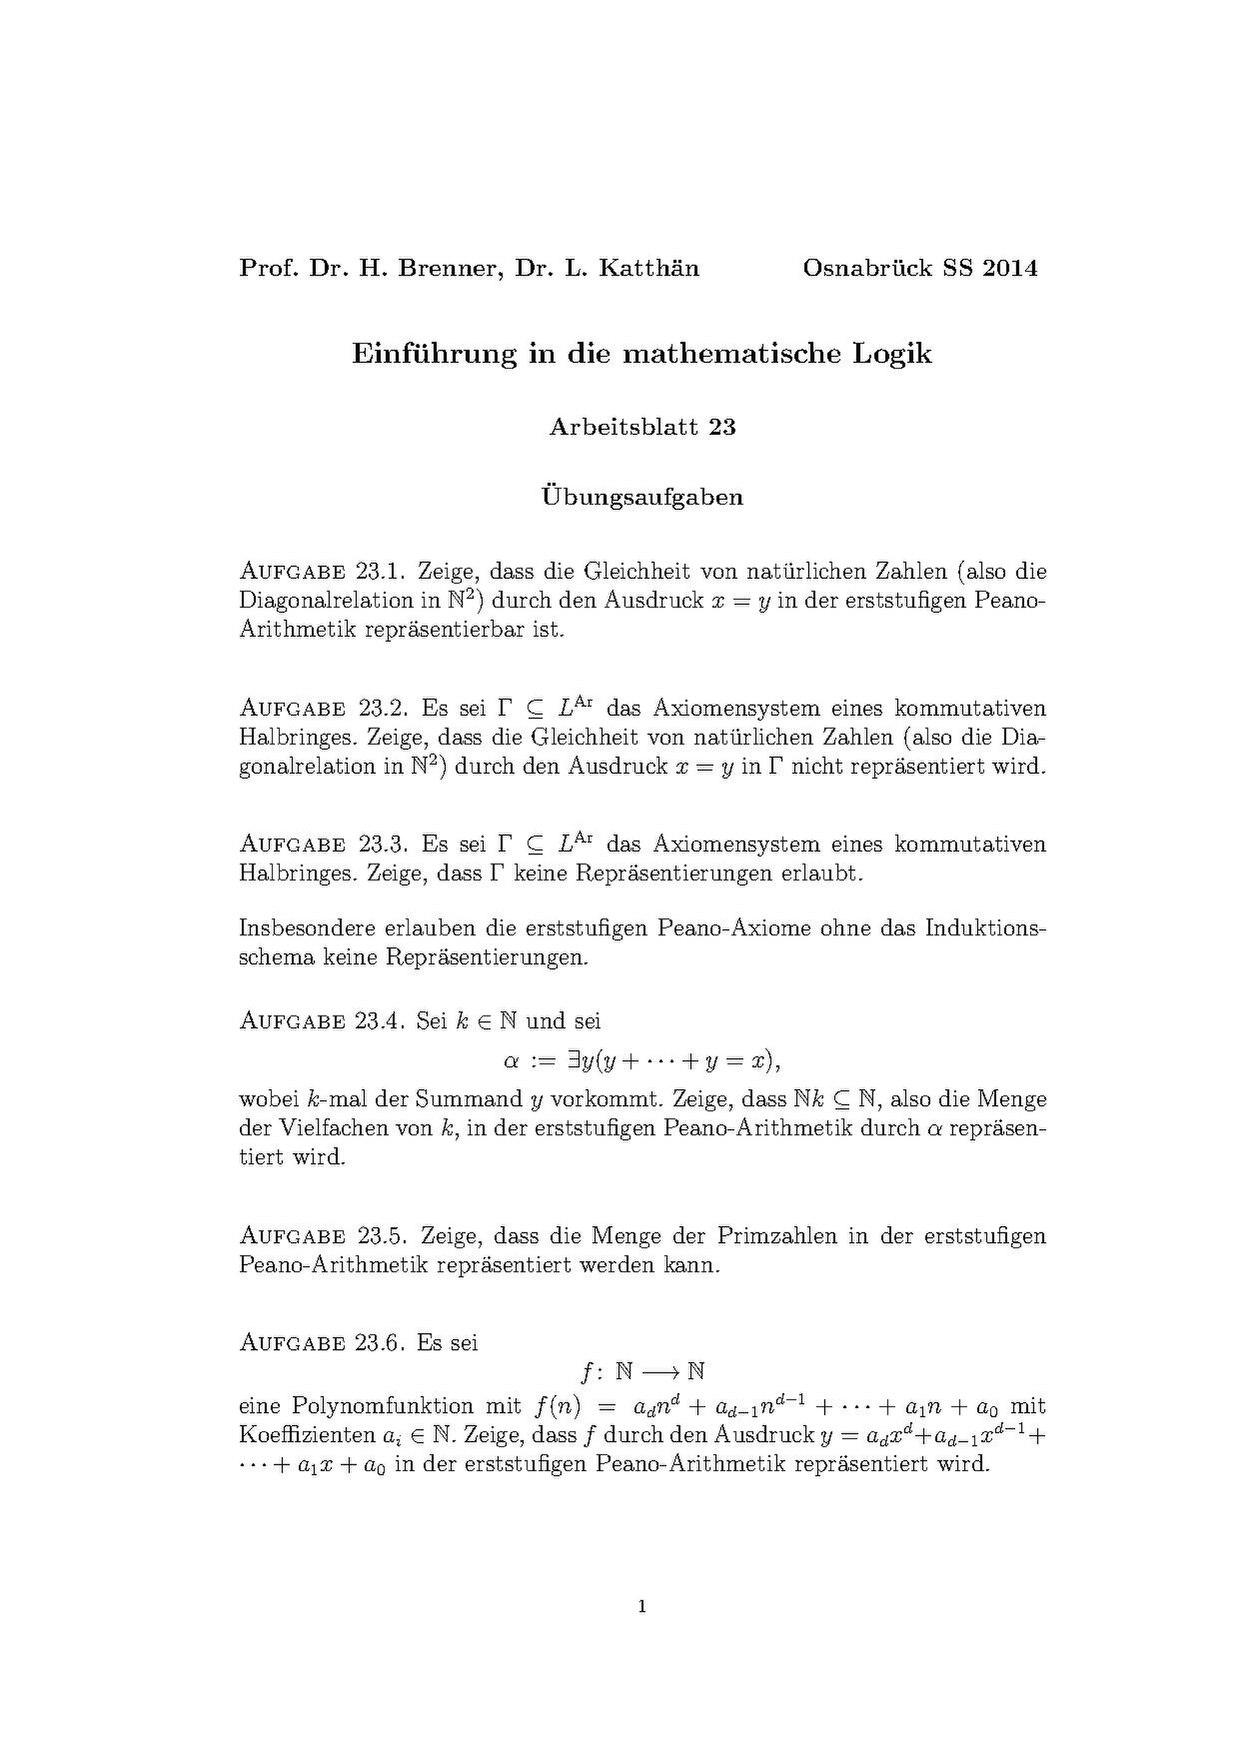 Datei:Einführung in die mathematische Logik (Osnabrück 2014 ...